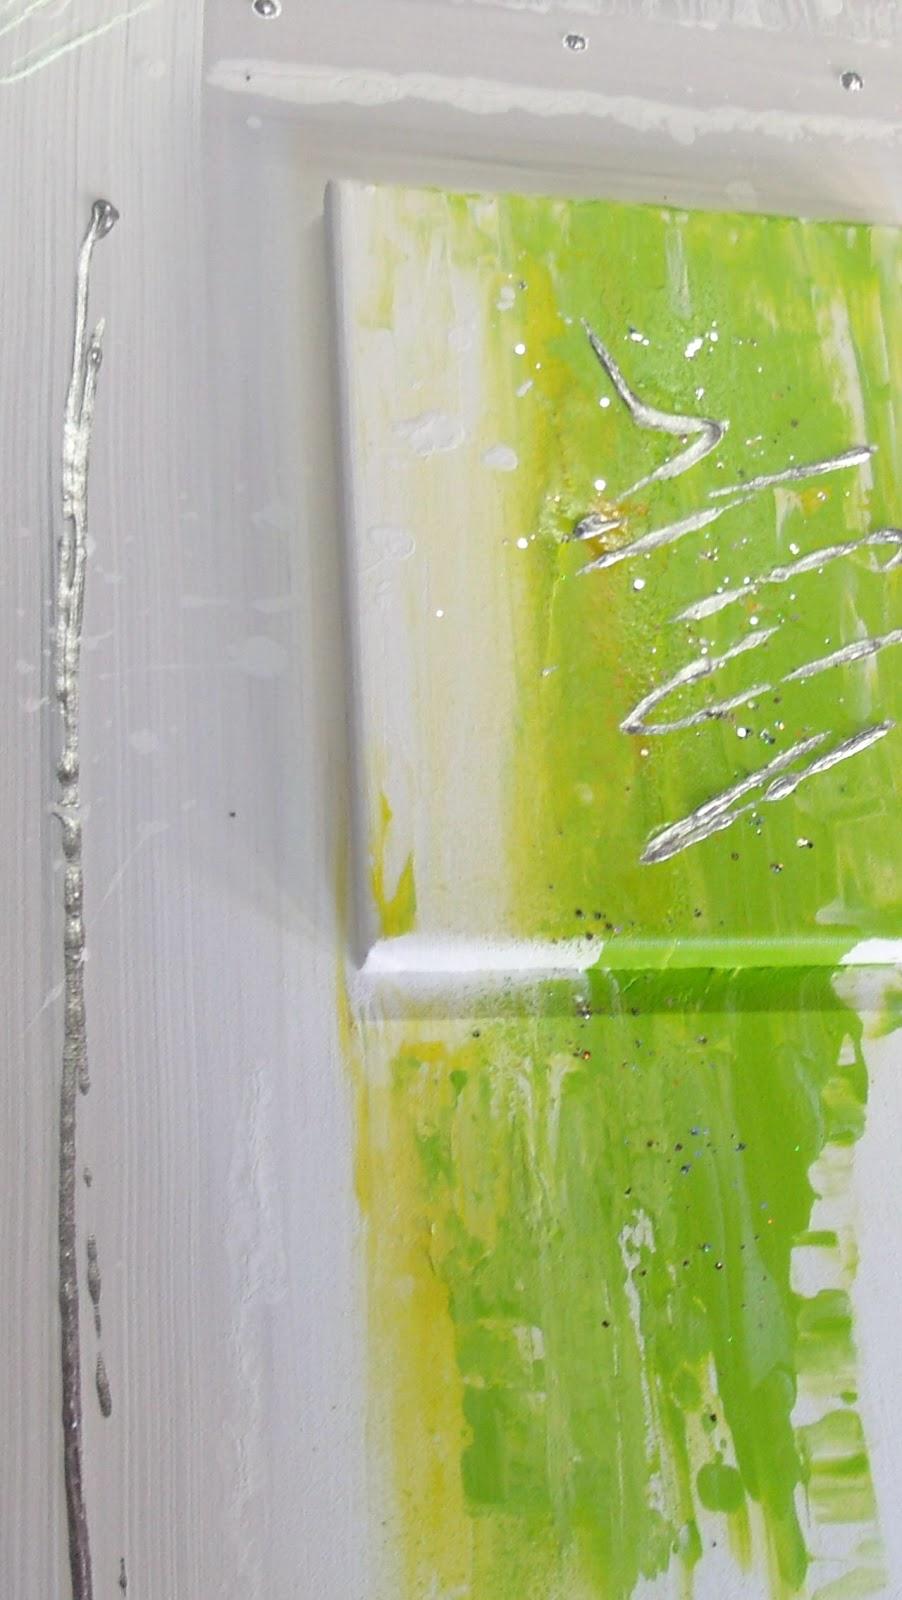 Tableau deco vert anis - Tableau vert anis ...